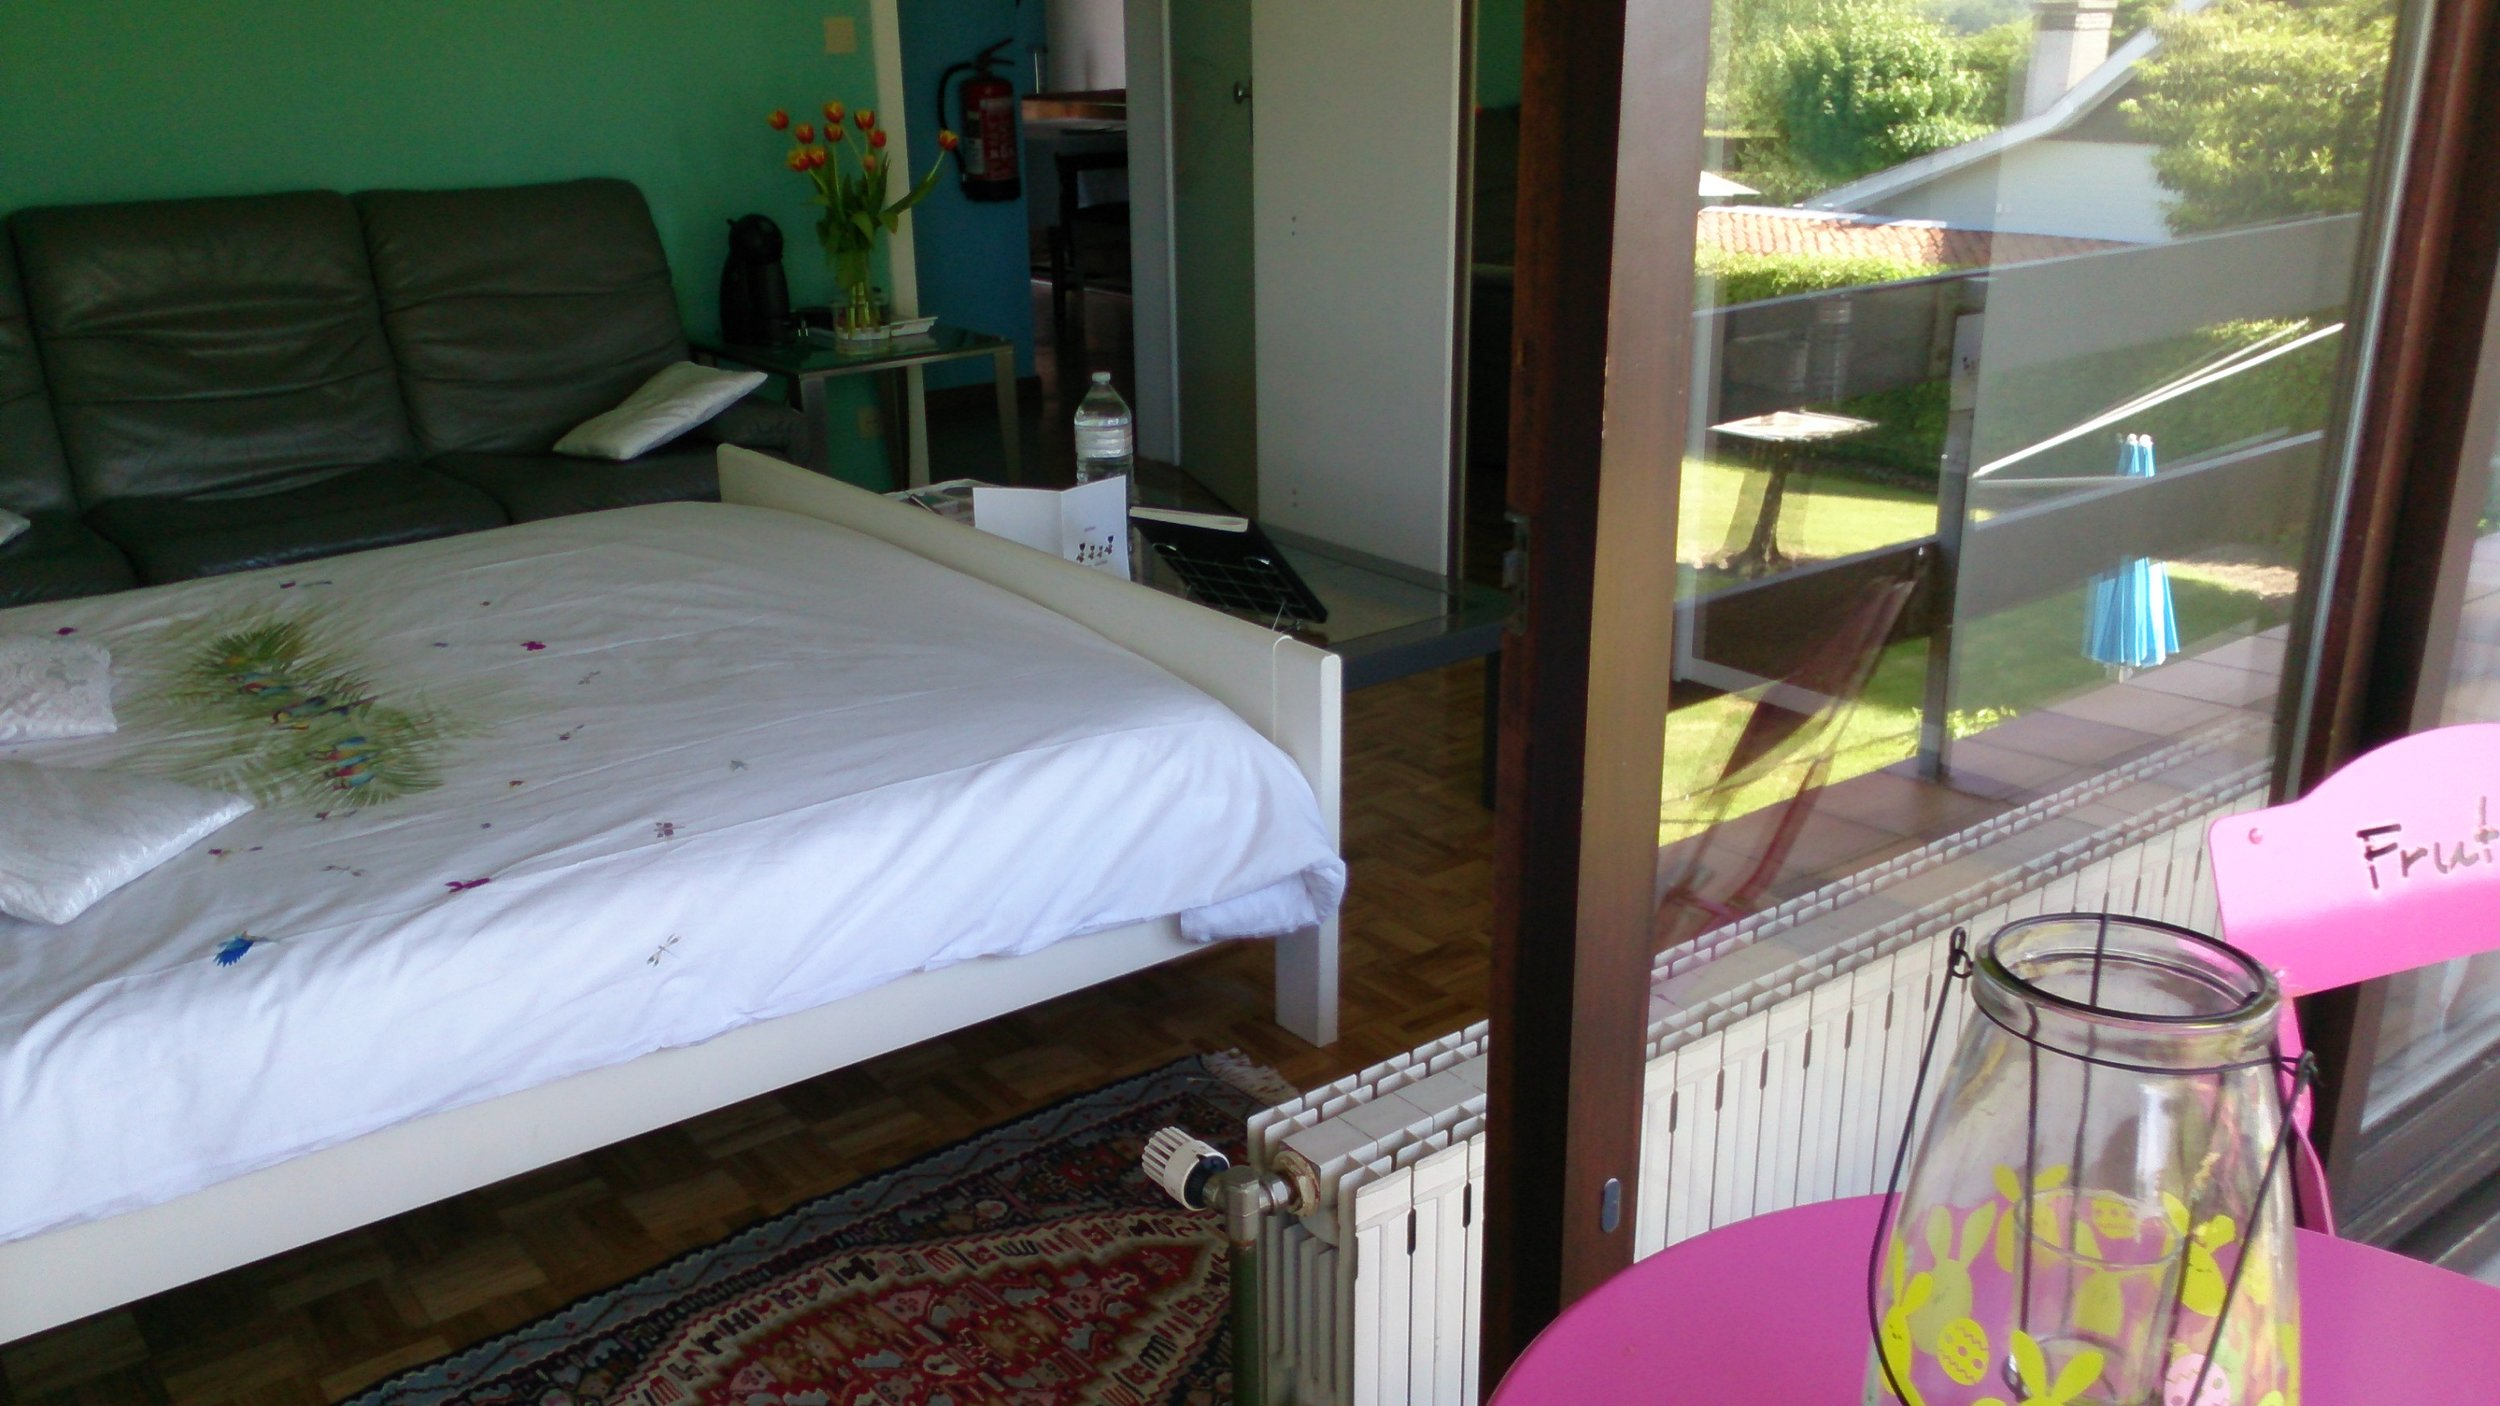 BBTRAMONTANA 2 persoonskamer 1 met terras en tuinzicht .JPG